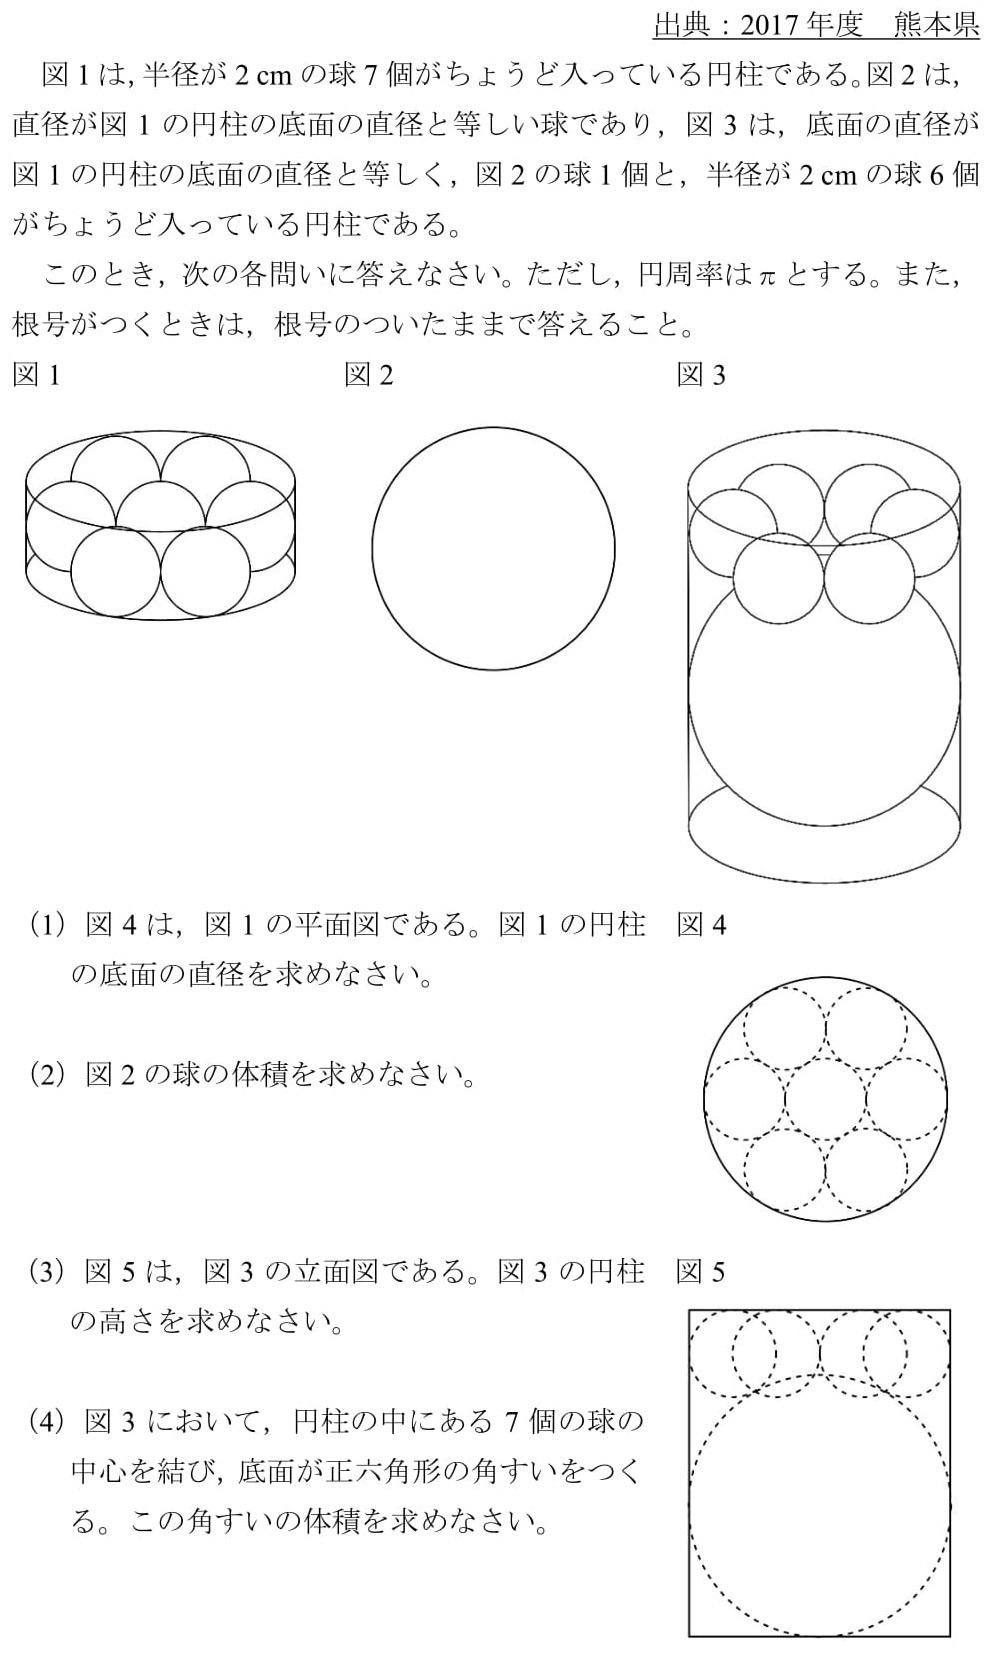 2017 熊本県 高校入試 空間図形